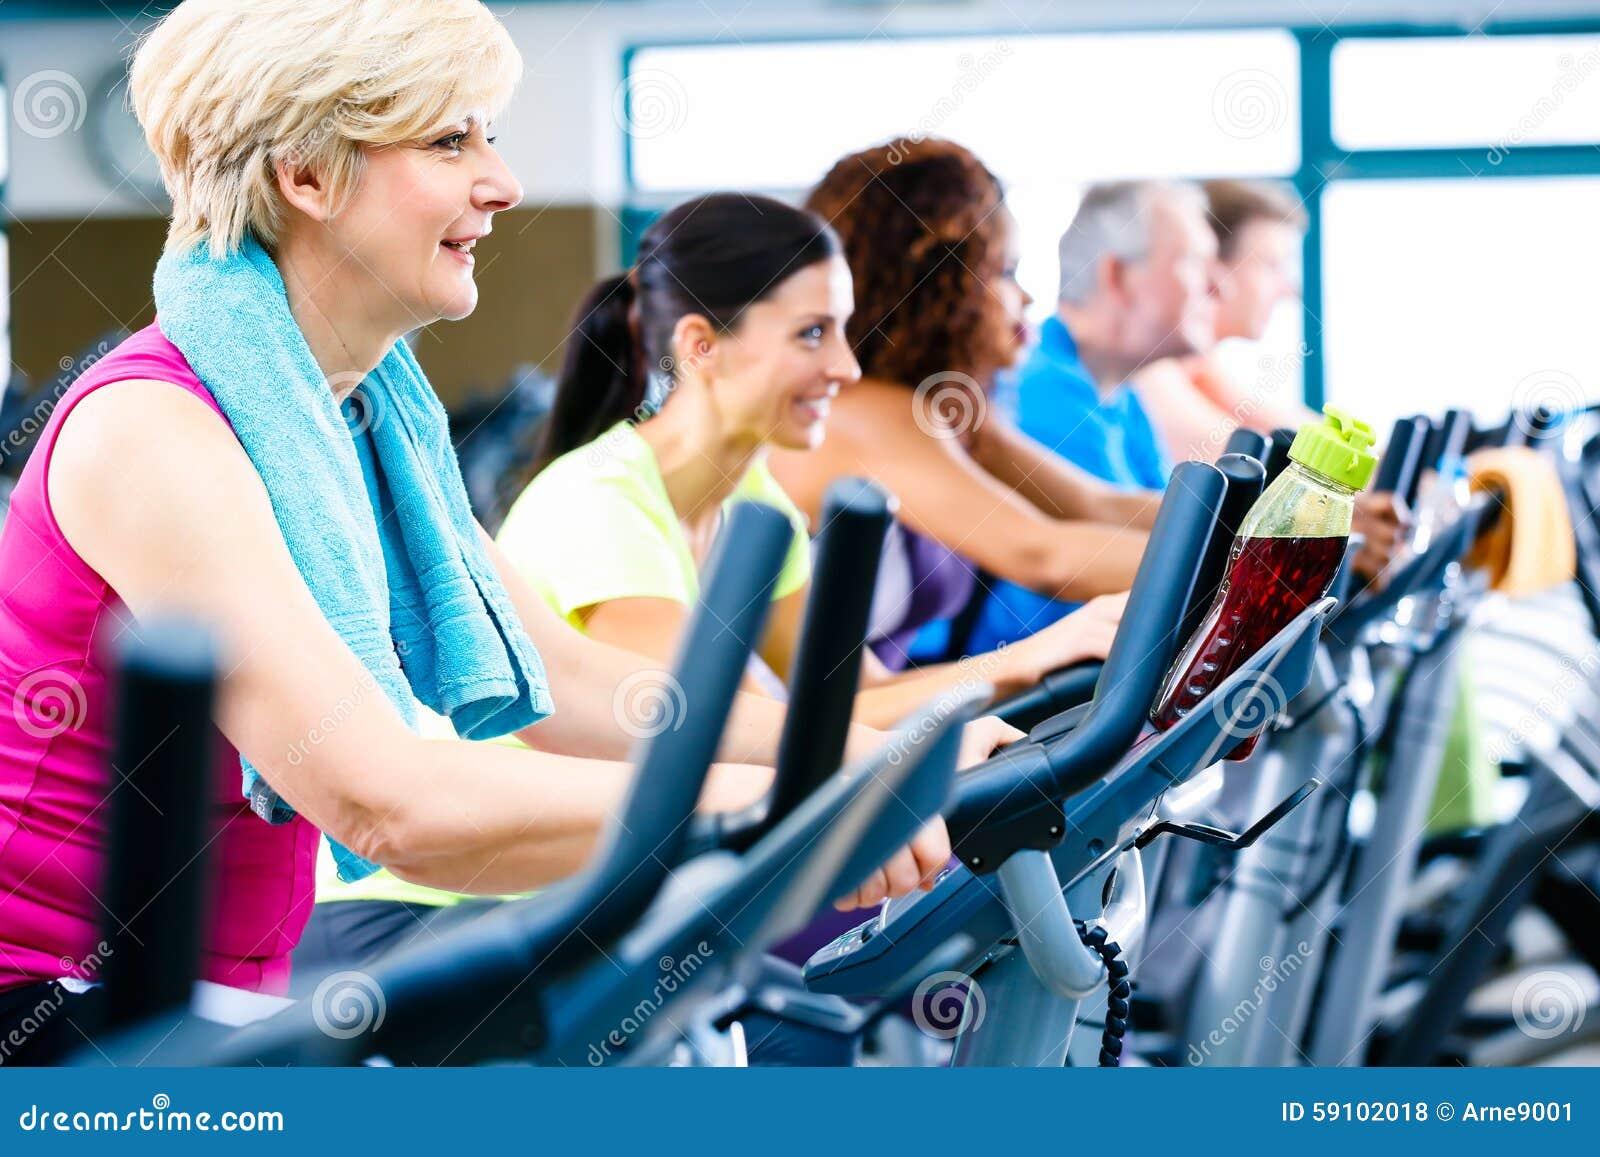 做健身的男人和妇女转动为体育